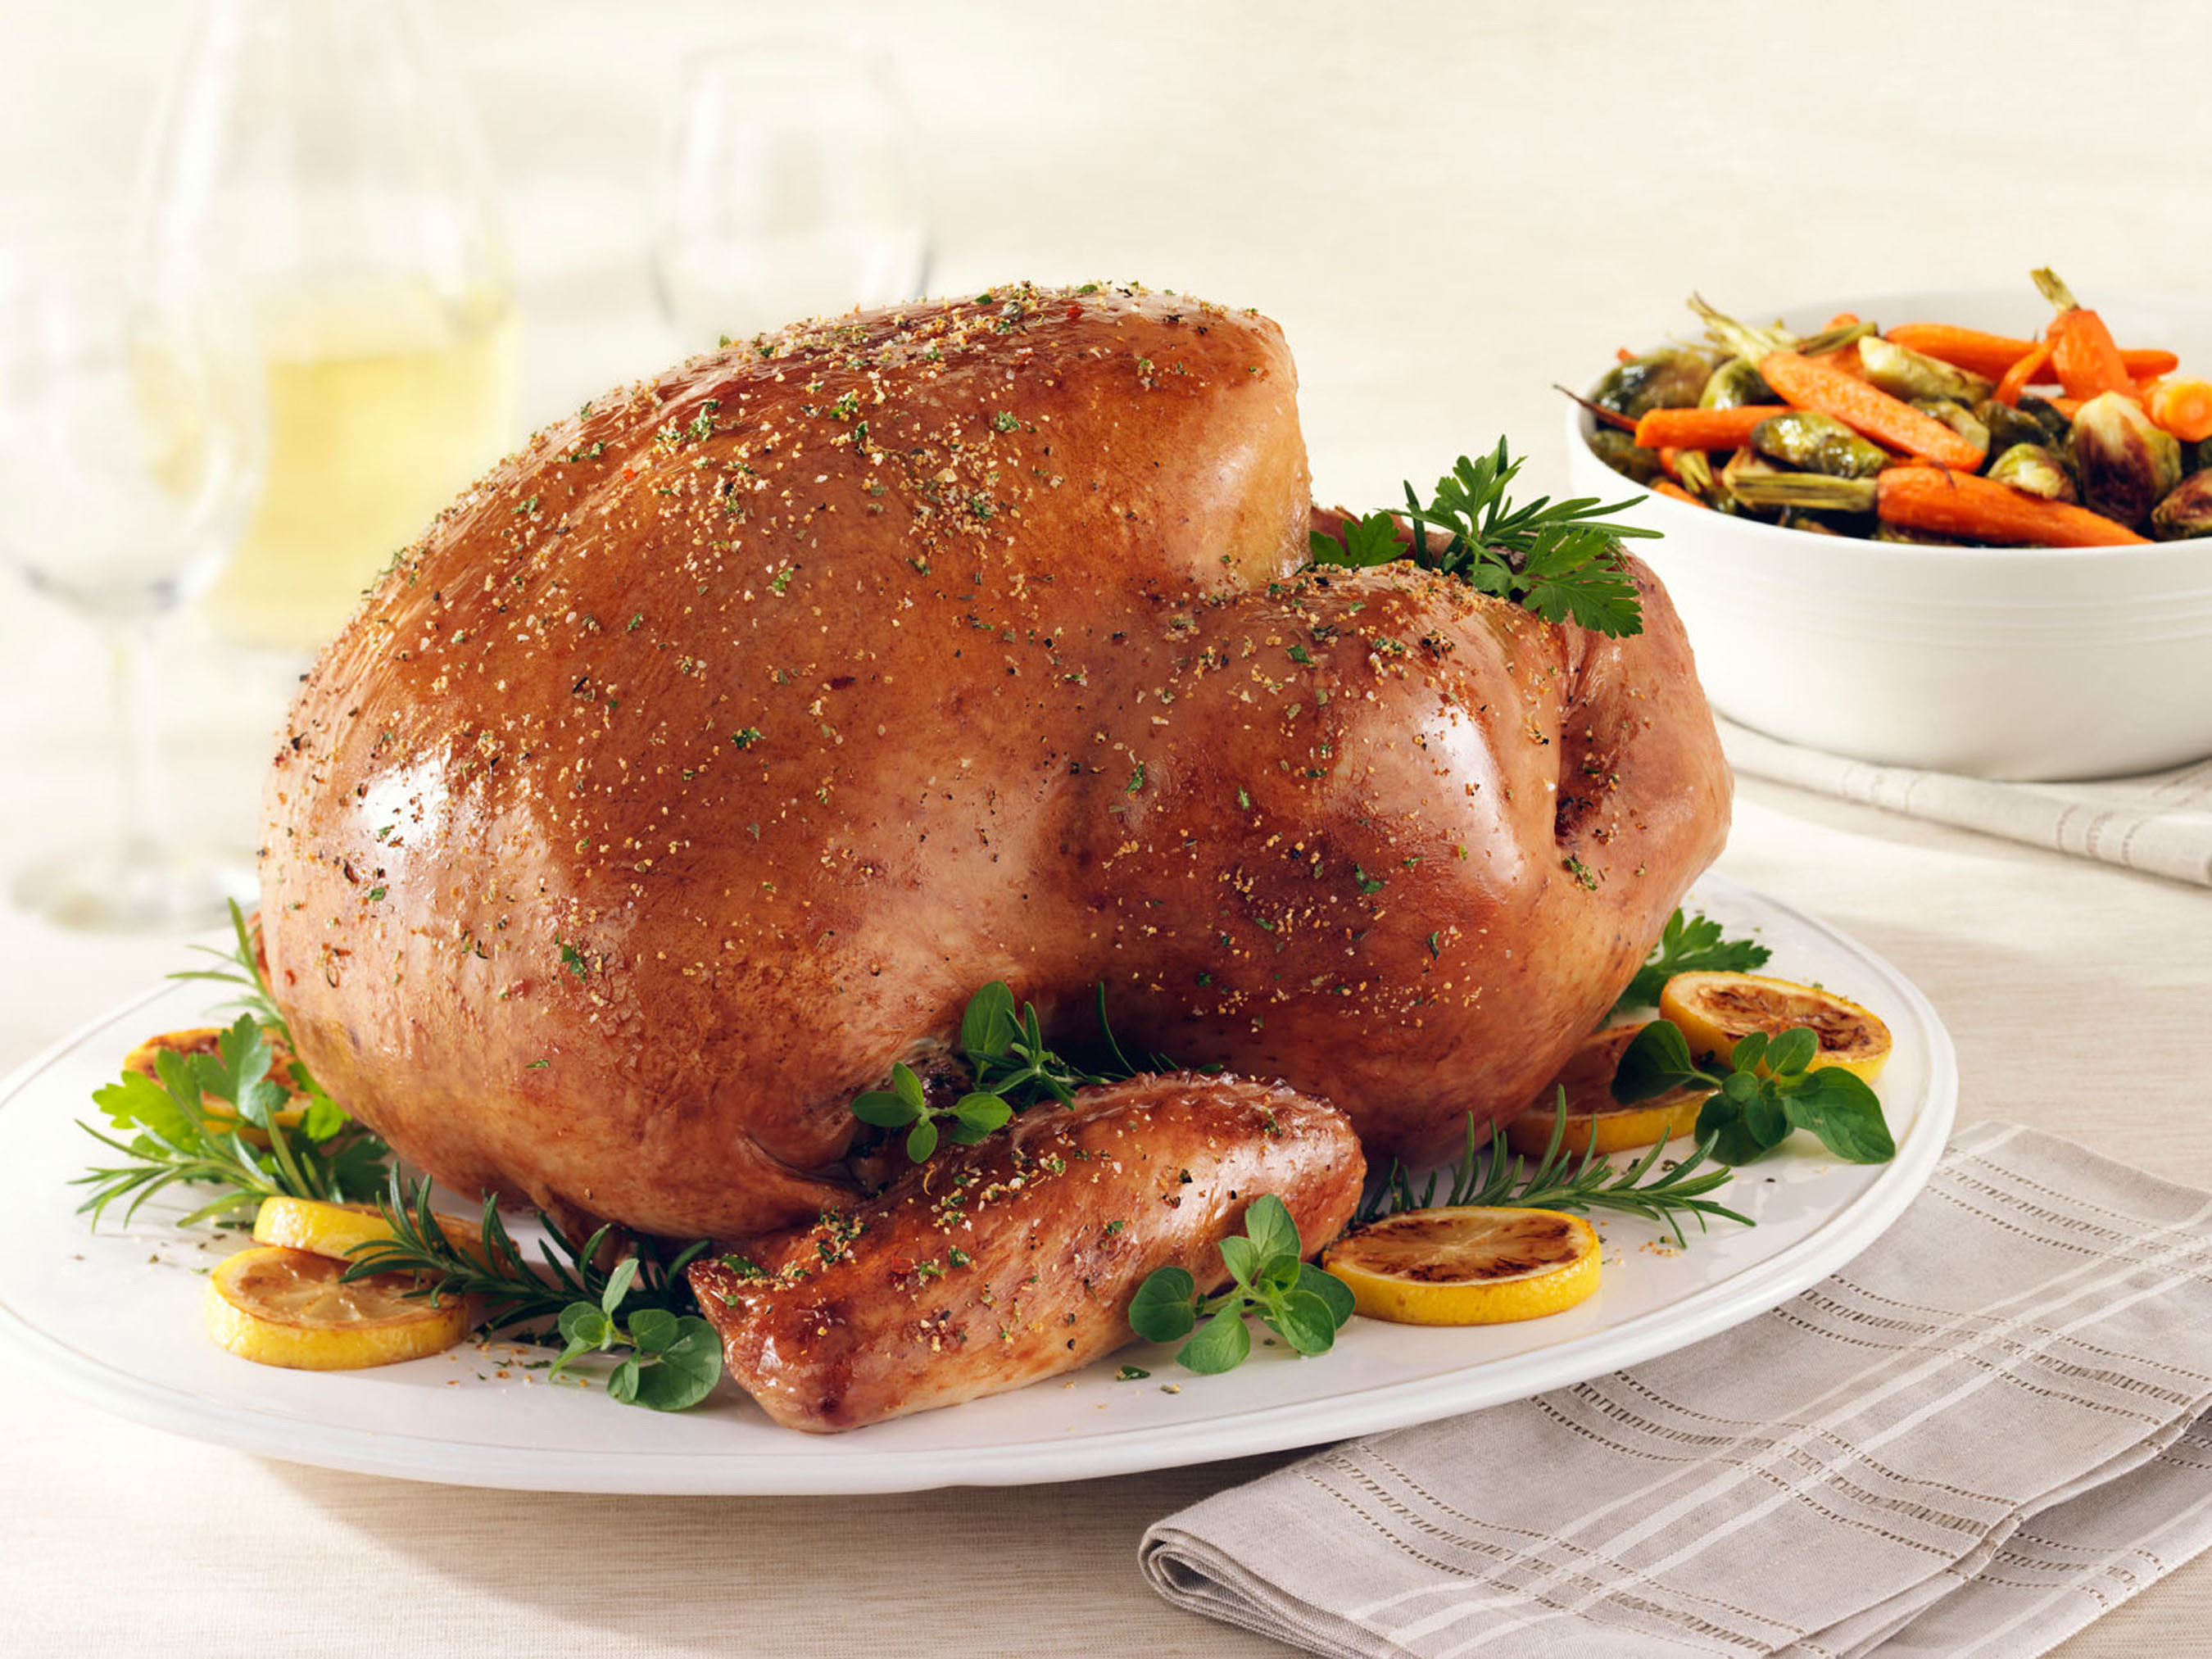 Butterball Roast Turkey with Mediterranean Rub.  (PRNewsFoto/Butterball, LLC, Jeff Kauck)